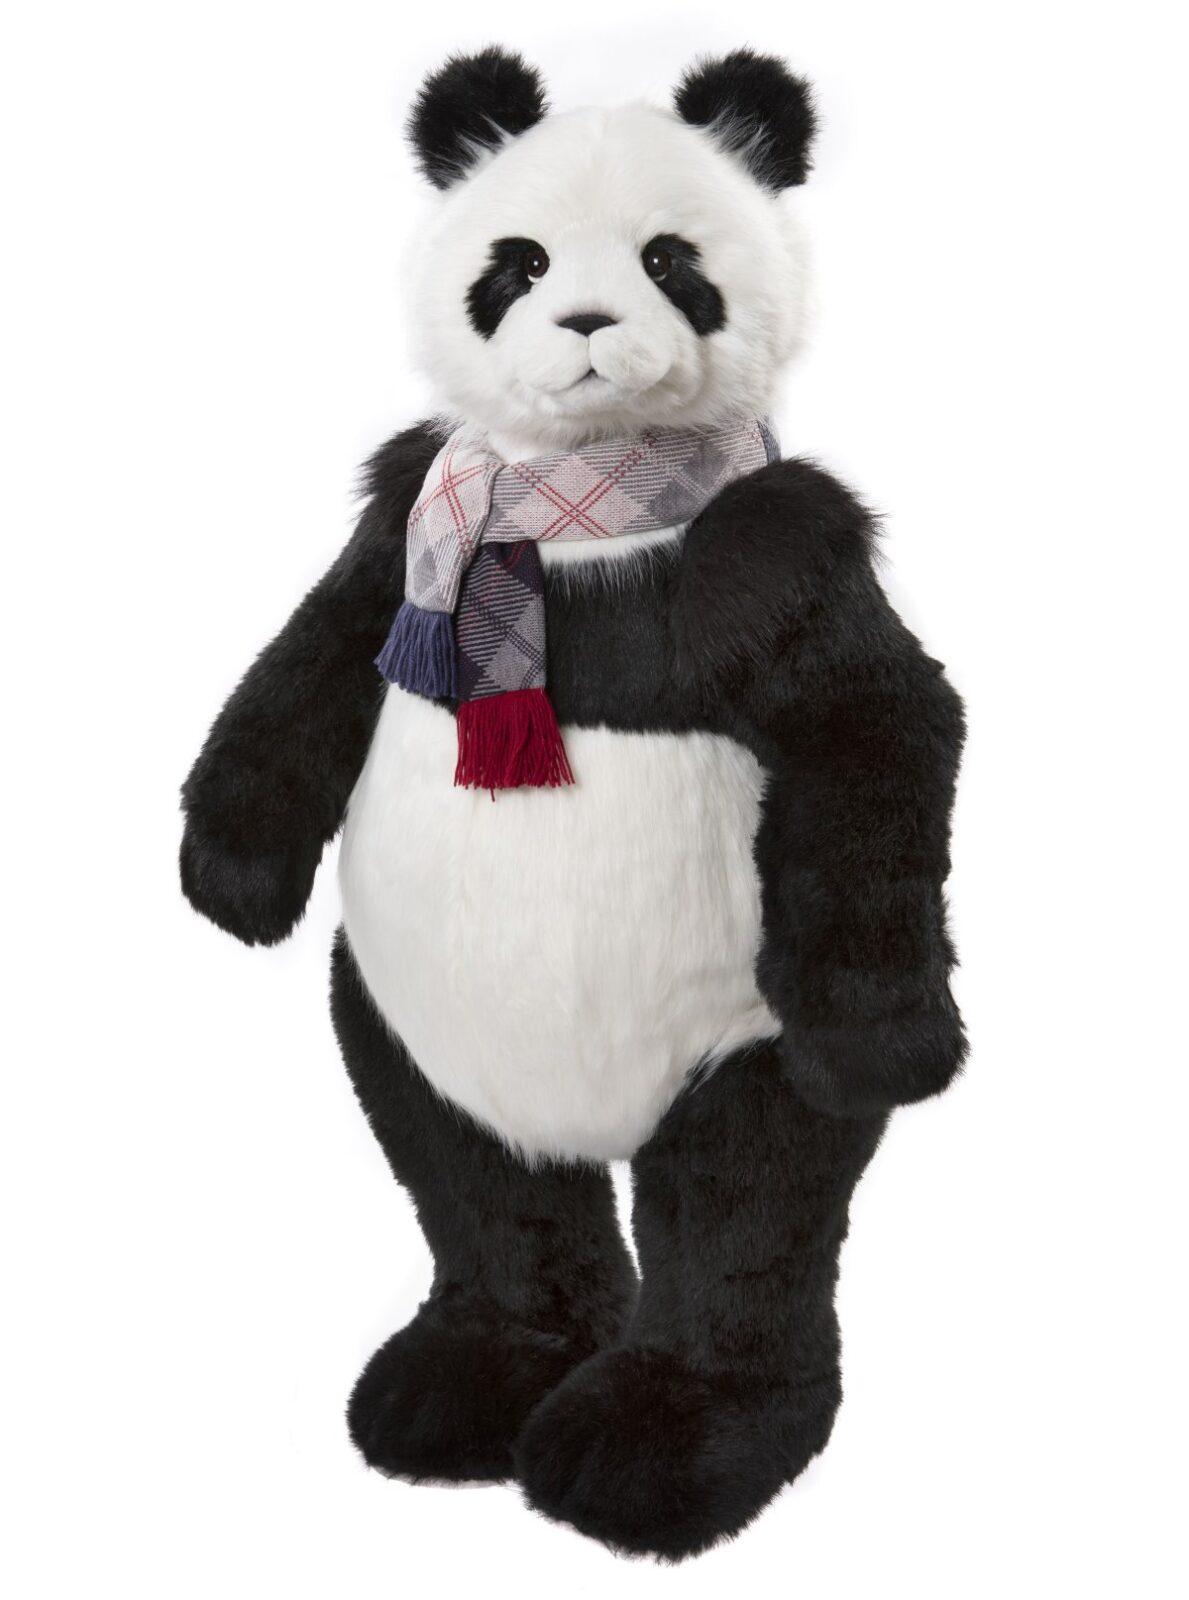 BAO BAO PANDA